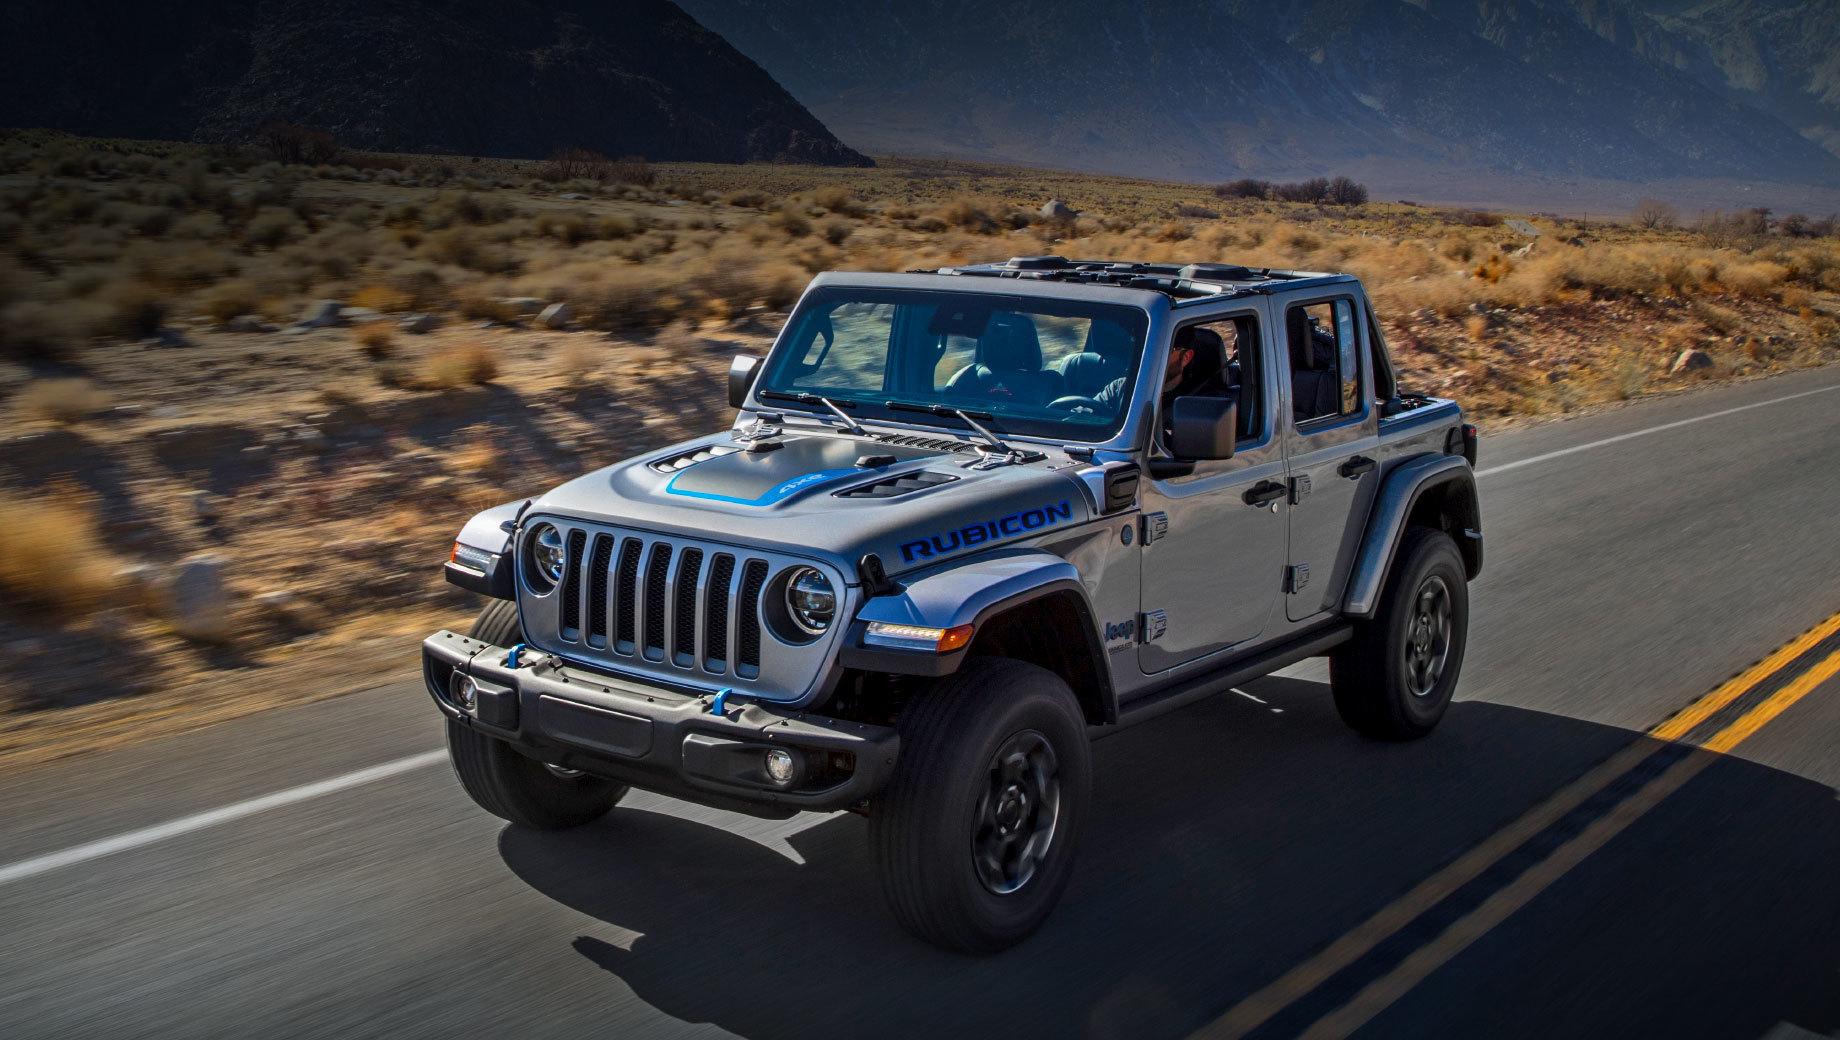 Jeep wrangler,Jeep wrangler 4xe. В продаже гибрид Wrangler будет представлен тремя модификациями — 4xe, Sahara 4xe и Rubicon 4xe. У последней изначально есть более продвинутая трансмиссия с блокировками переднего и заднего дифференциала и клиренс 274 мм. Геометрическая проходимость Рубикона — углы въезда, рампы и съезда достигают 44, 22,5 и 35,6 градуса соответственно.